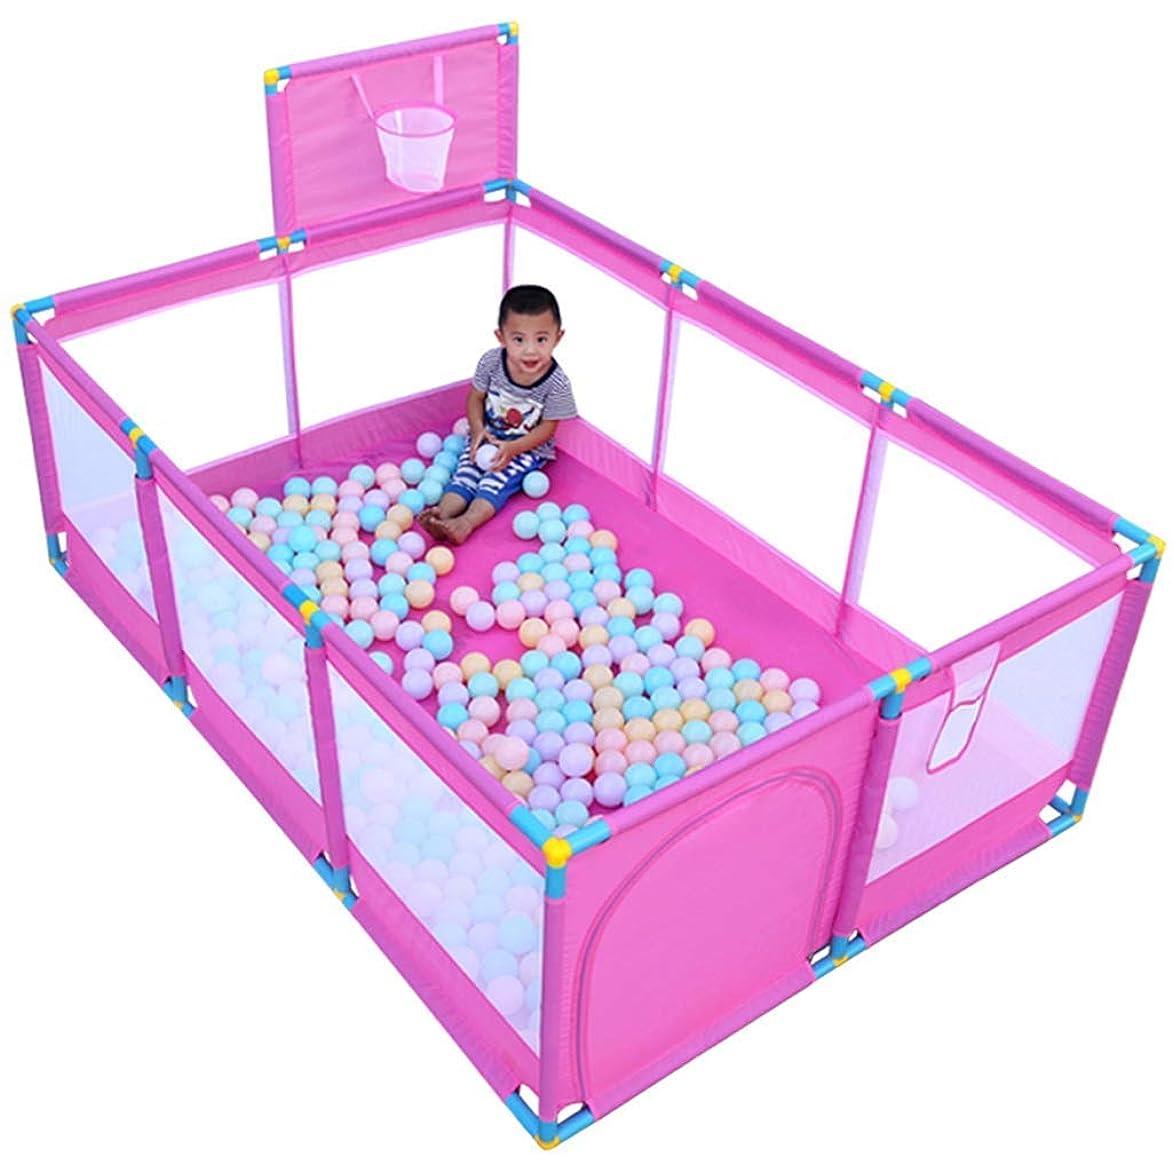 中間コード鮮やかな幼児のためのベビーサークル、かわいい安全プレイセンターヤード赤ちゃん幼児ベビーサークルプレイヤードテントキッズアクティビティセンター(ボールなし)